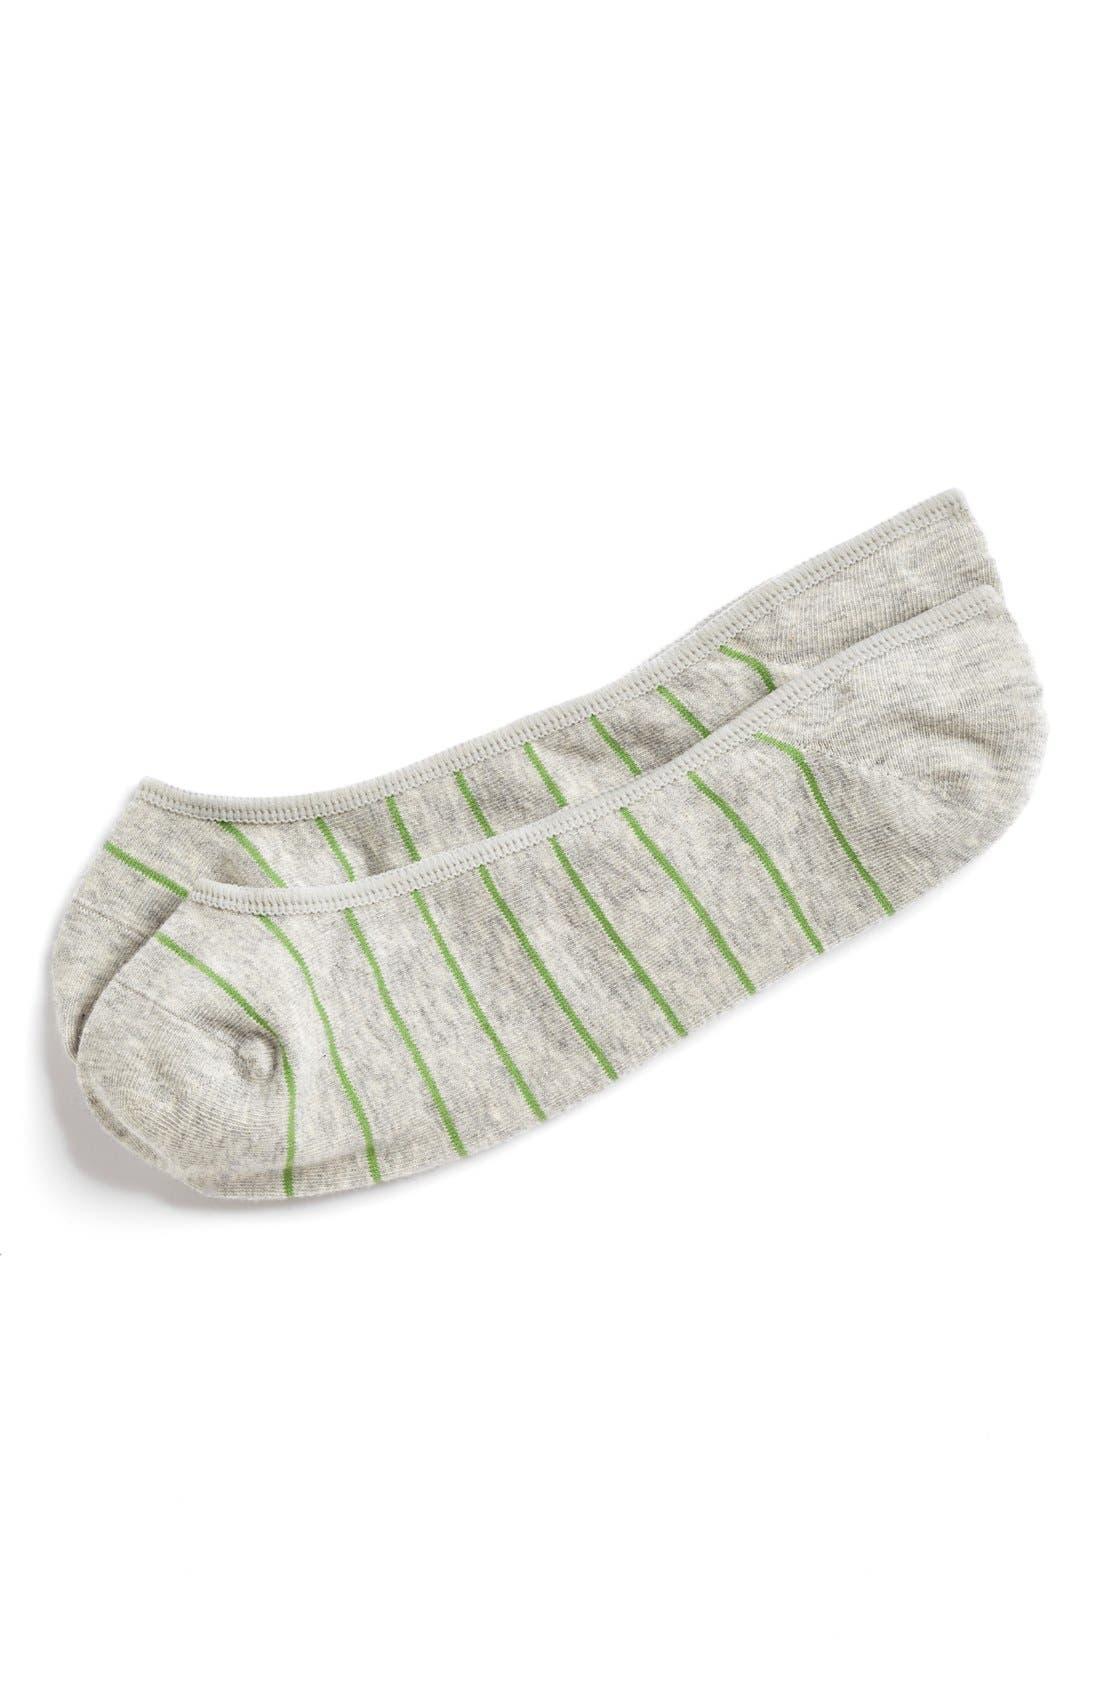 Main Image - 1901 No-Show Liner Socks